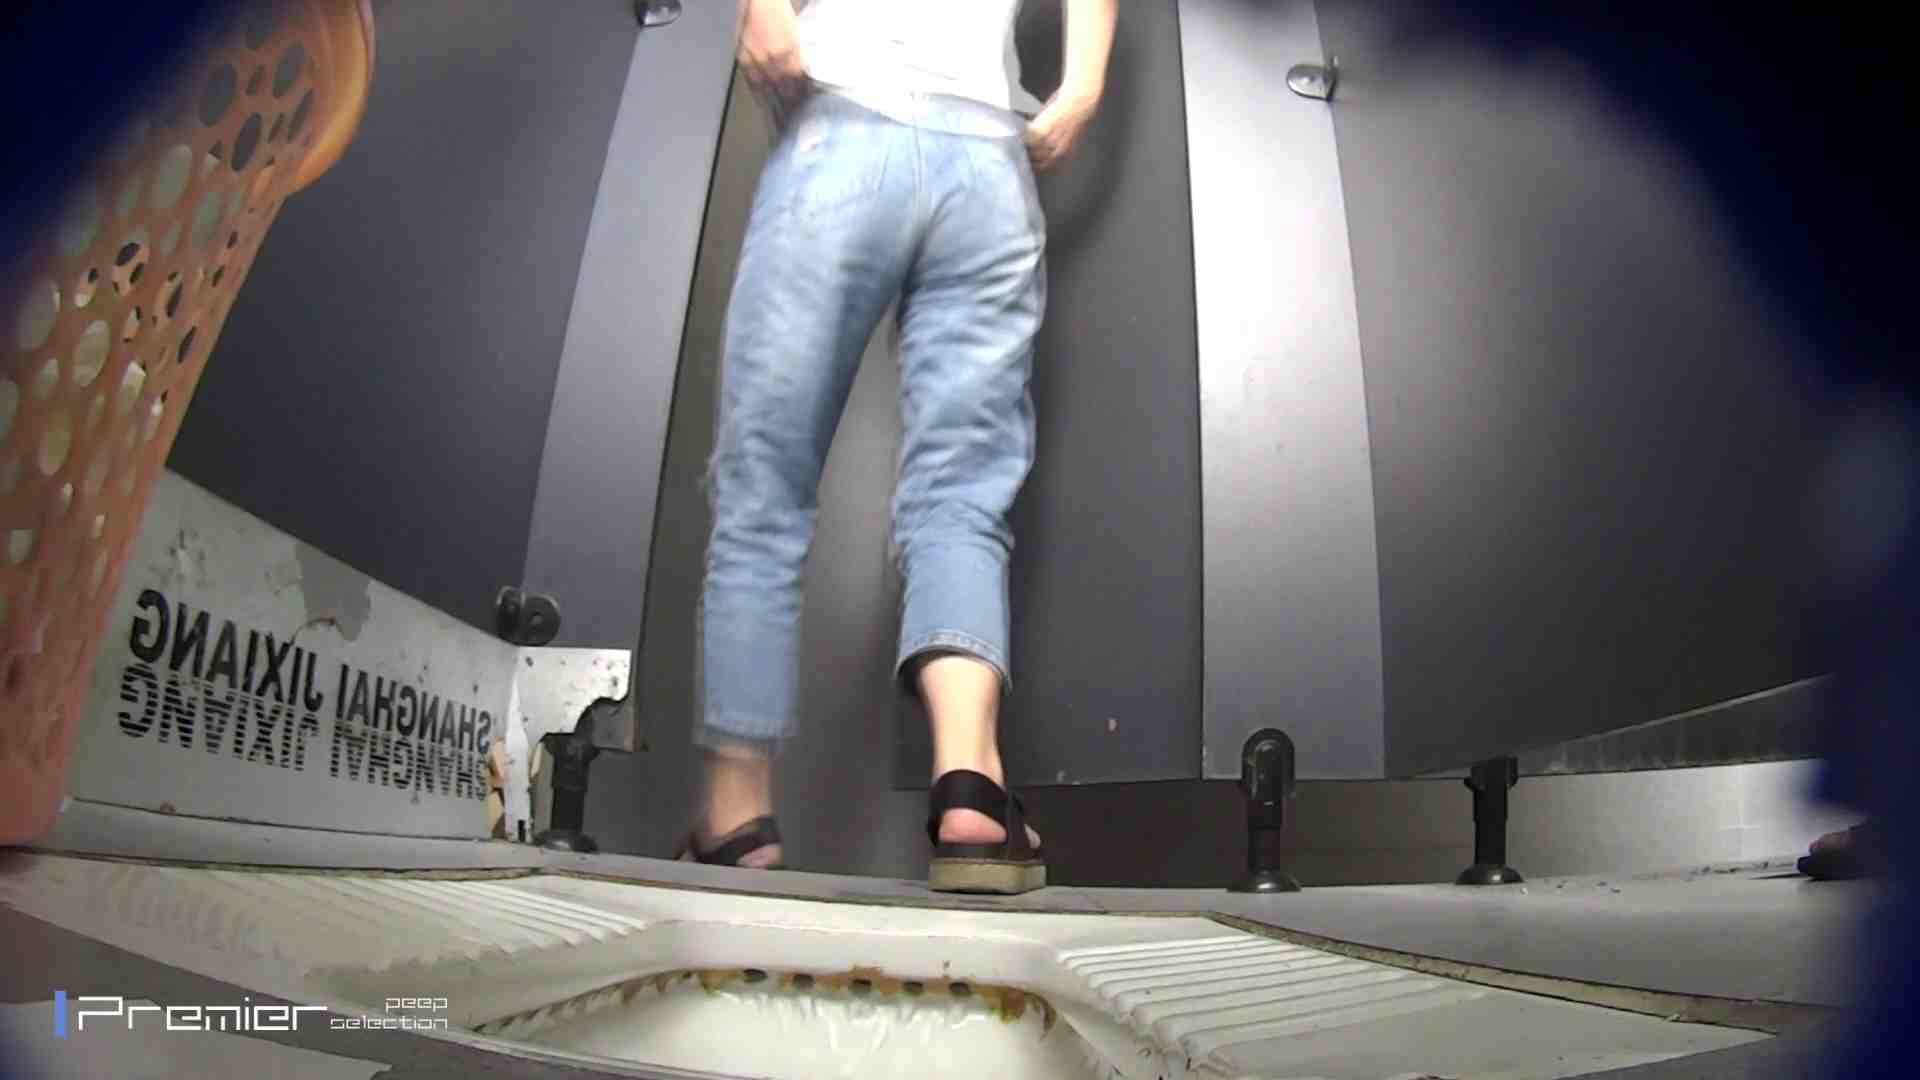 若さ溢れるギャル達のnyo  大学休憩時間の洗面所事情46 洗面所 盗み撮り動画キャプチャ 106枚 103